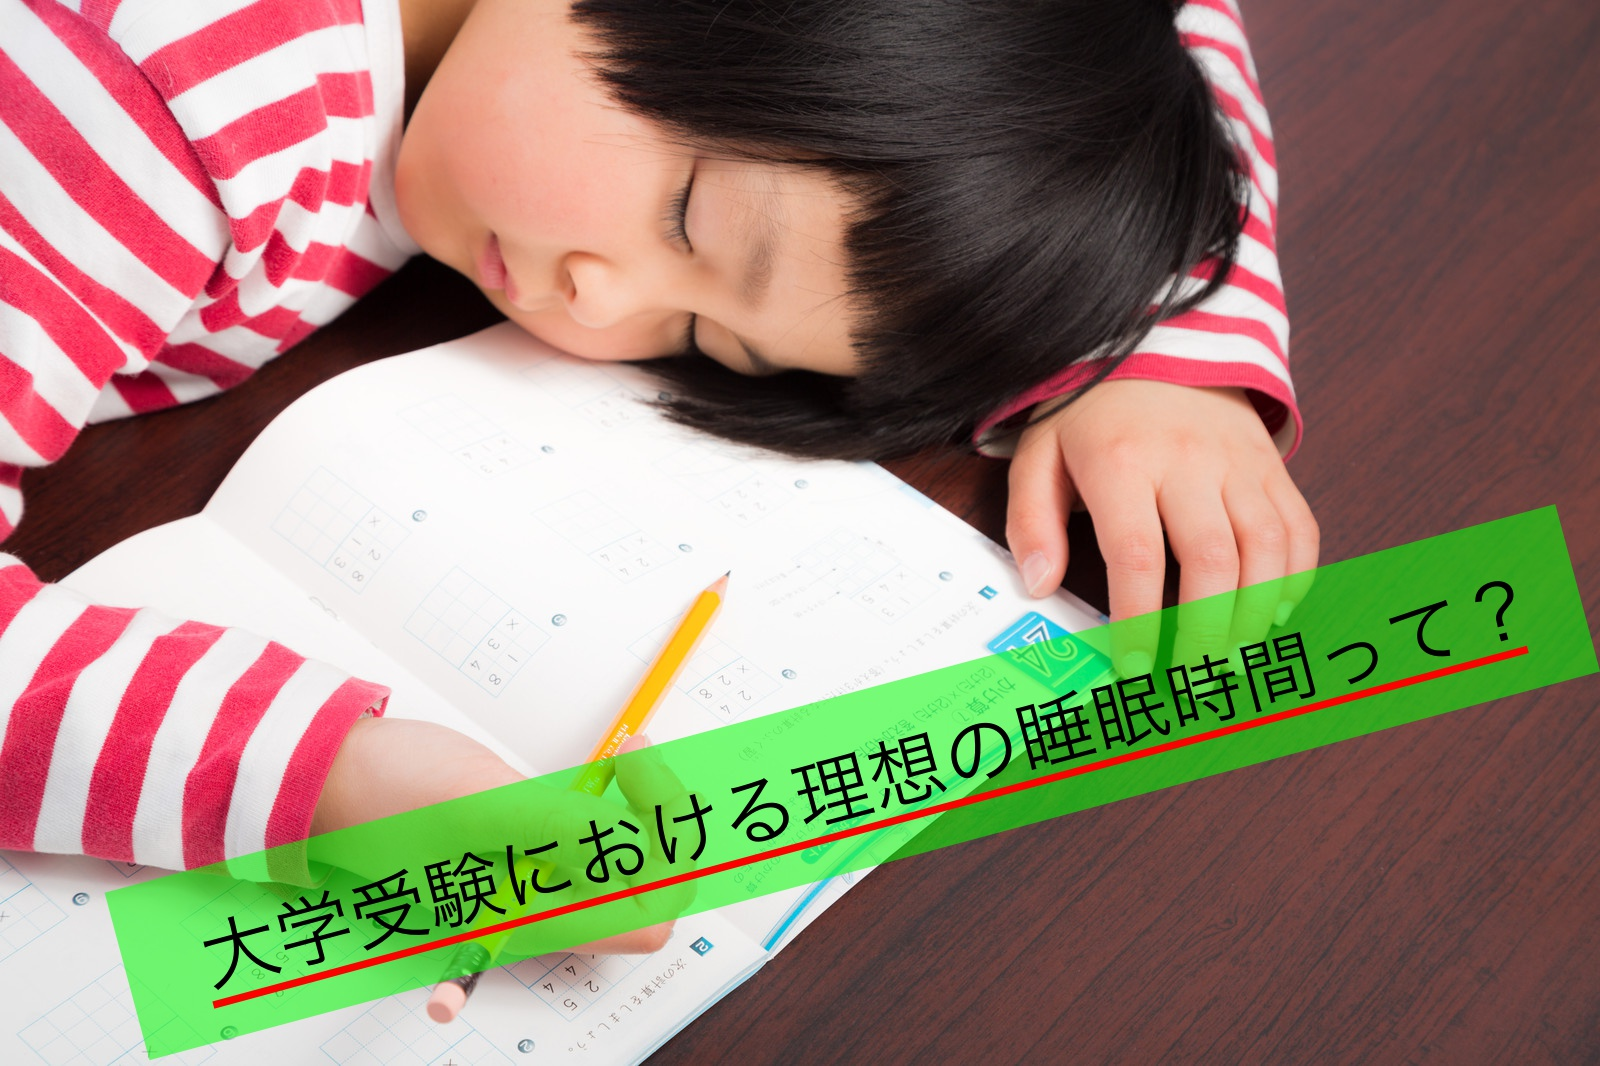 大学受験,睡眠時間,理想